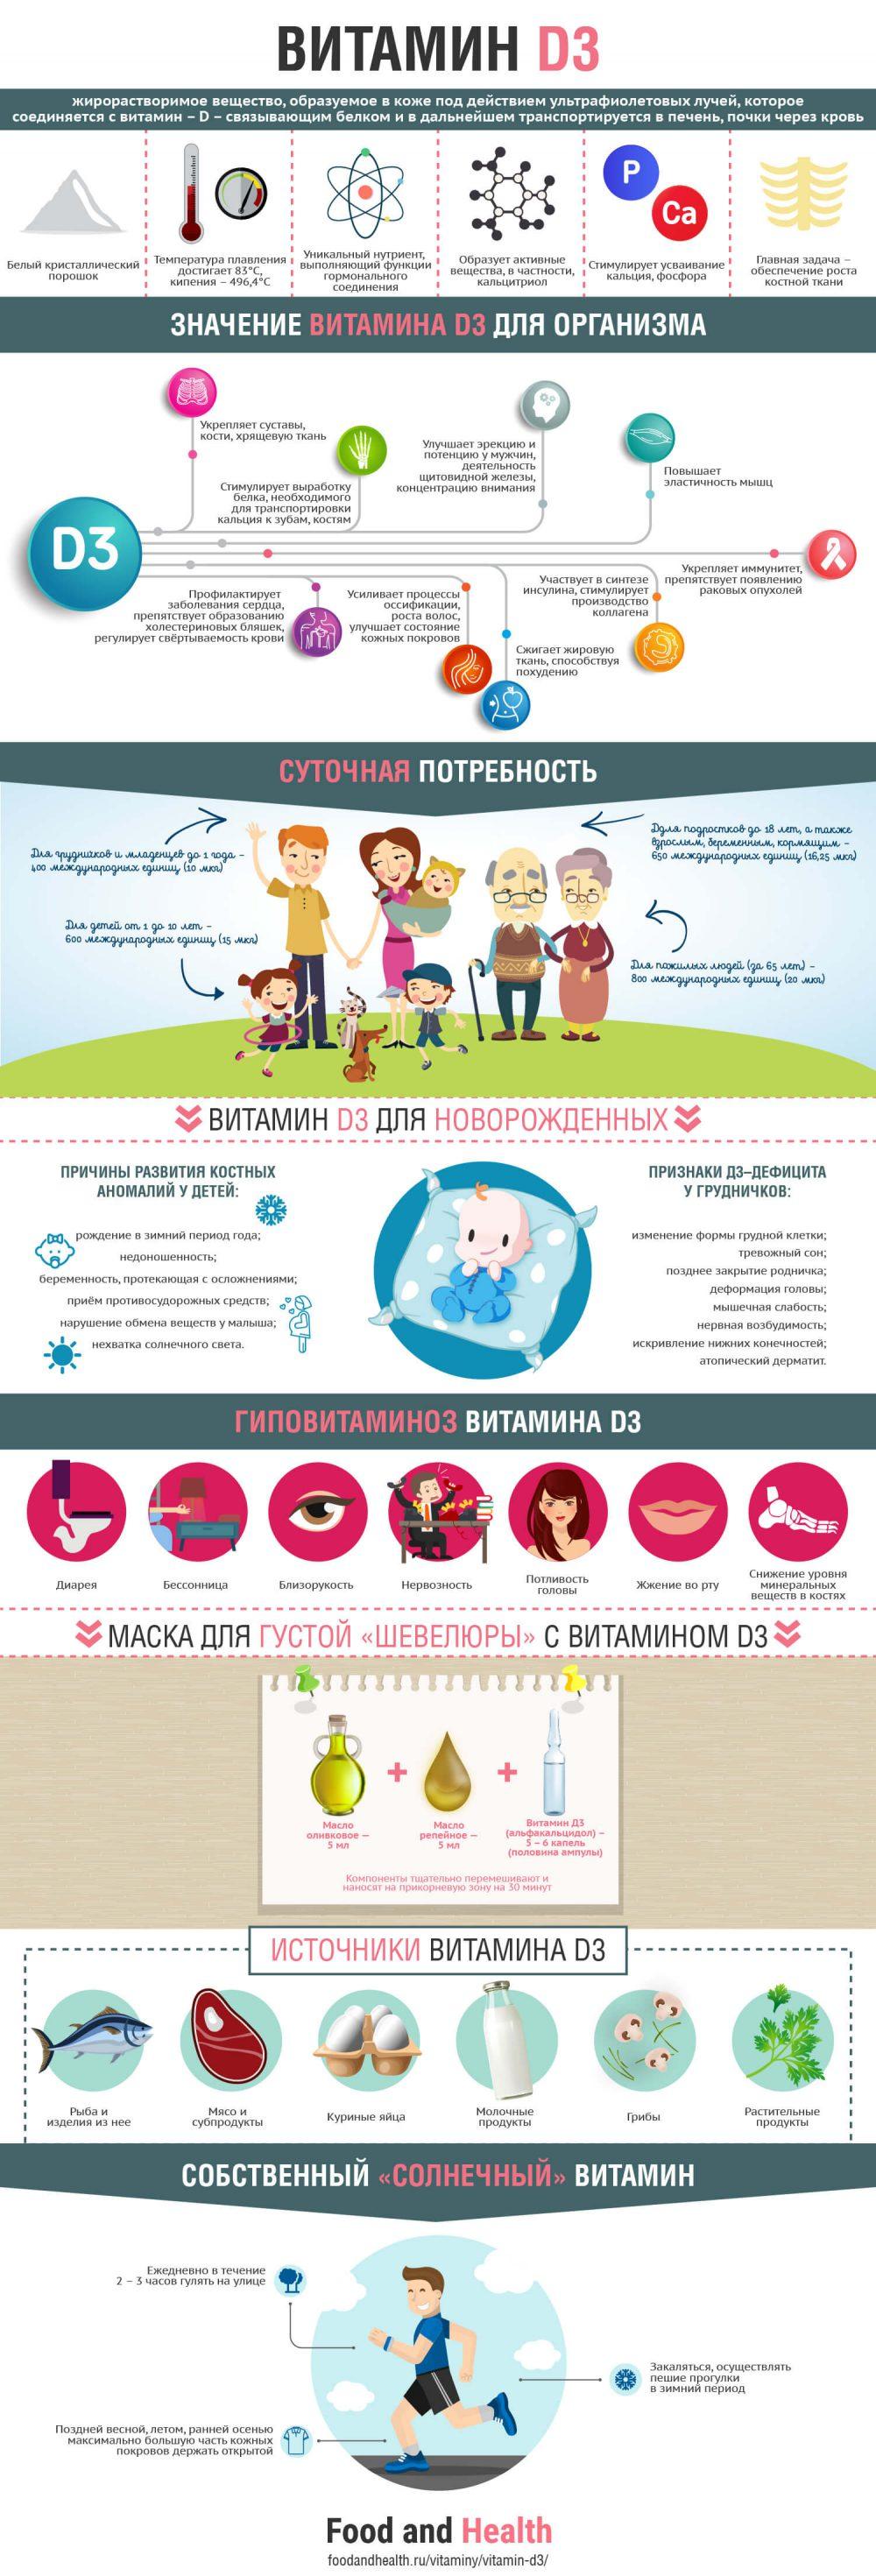 Витамин D3 - инфографика